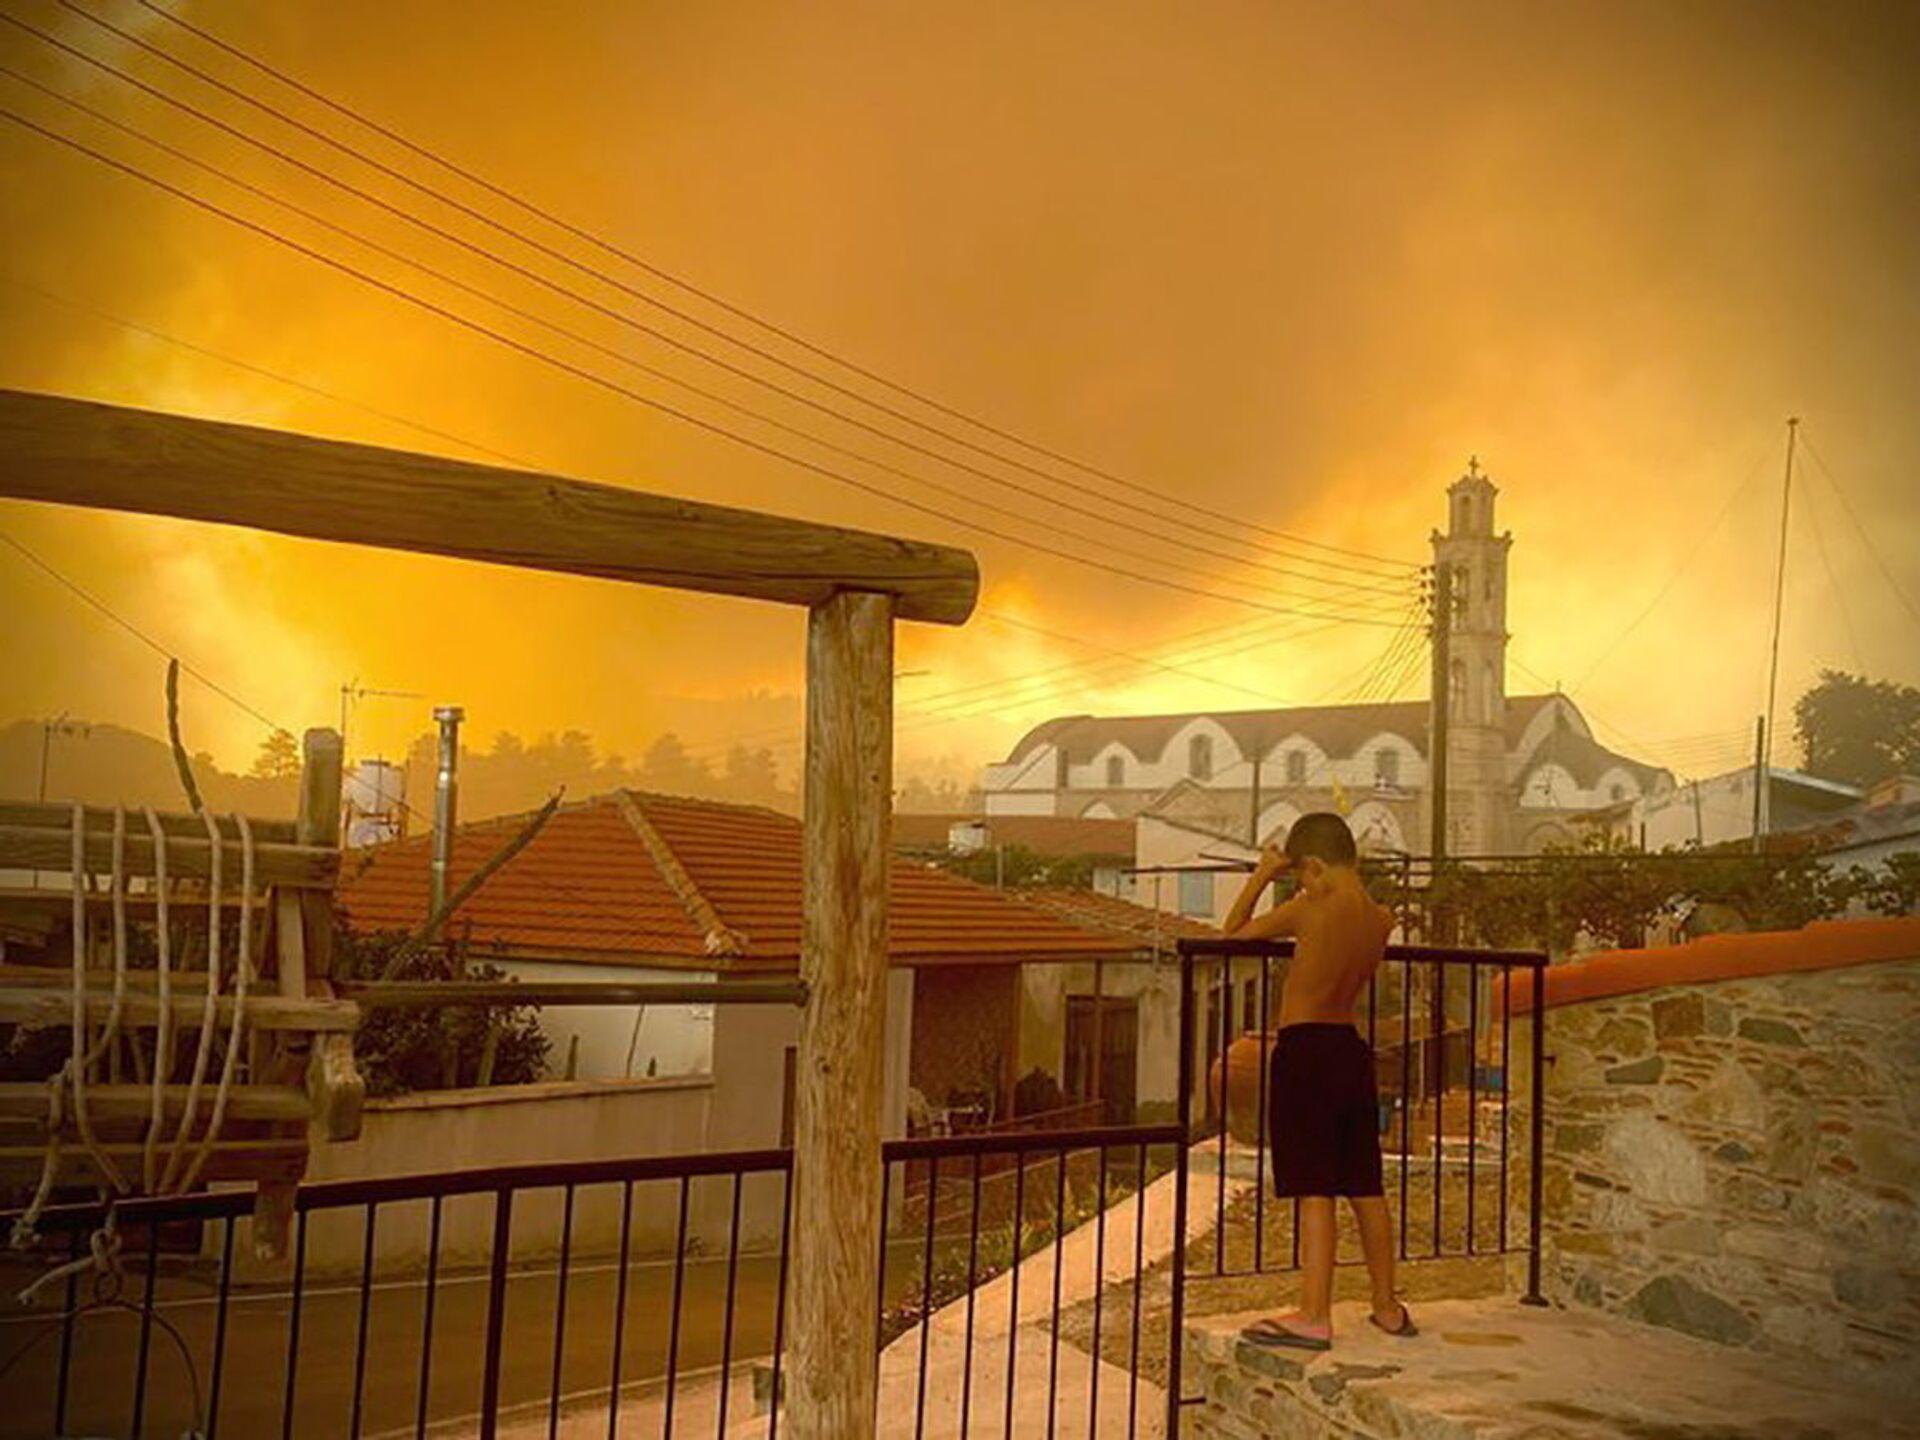 Larnaka yakınındaki Ora köyünde bir erkek çocuğu, yaklaşan orman yangınını endişeyle izledi. Elektrik hatlarının yanması sonucu bölgede kesintiler de yaşandı. - Sputnik Türkiye, 1920, 10.08.2021